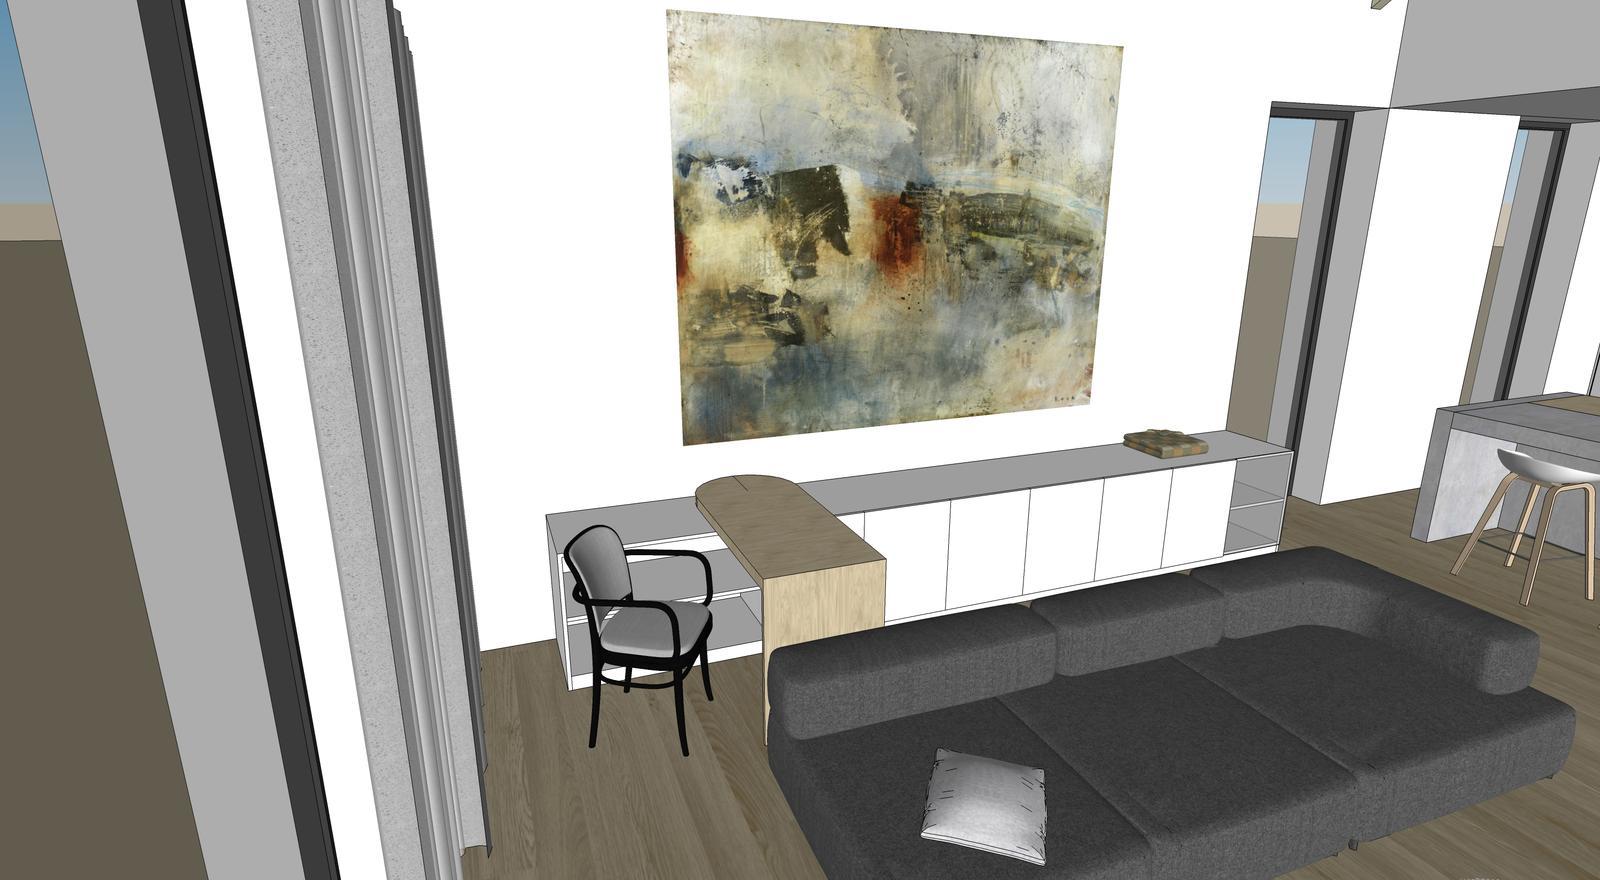 Obývačka- knižnica, sedília a pracovné miesto - Komoda do obývačky, kde by som mala mať integrované pracovné miesto.